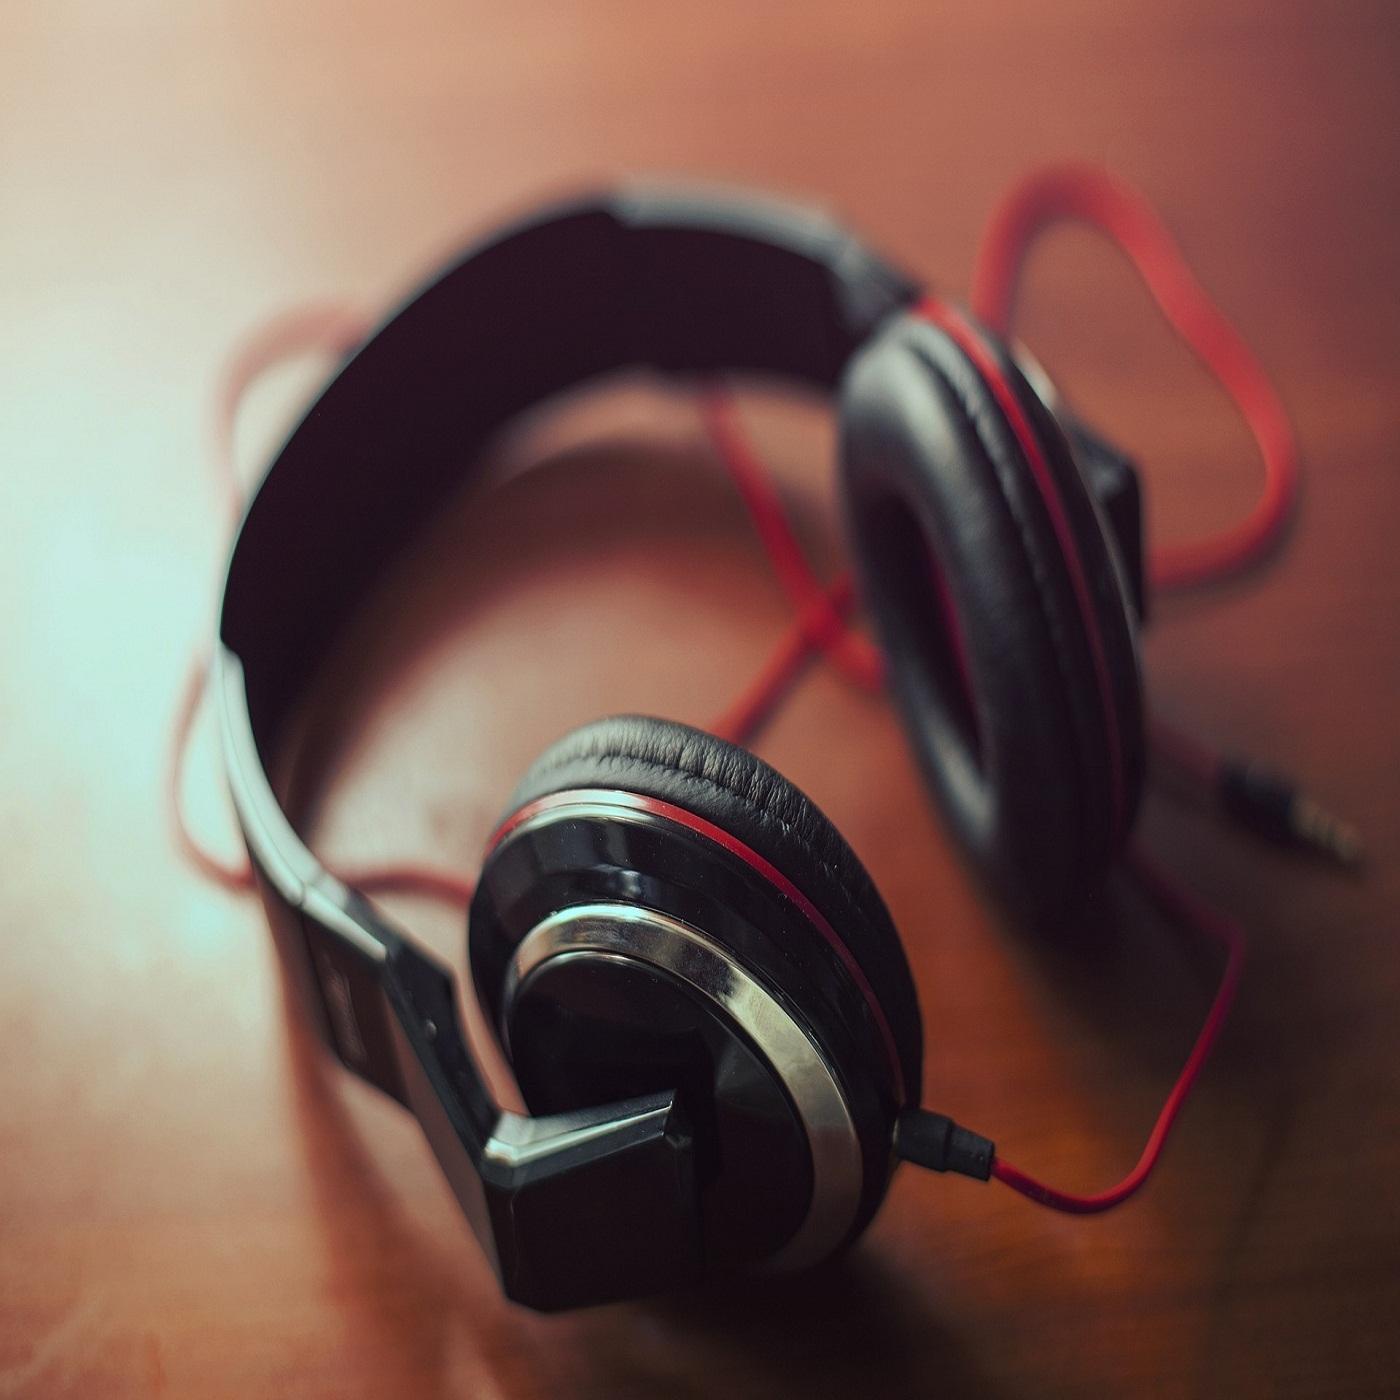 <![CDATA[Cartas Musicales (Podcast) - cartasmusicales.blogspot.com]]>